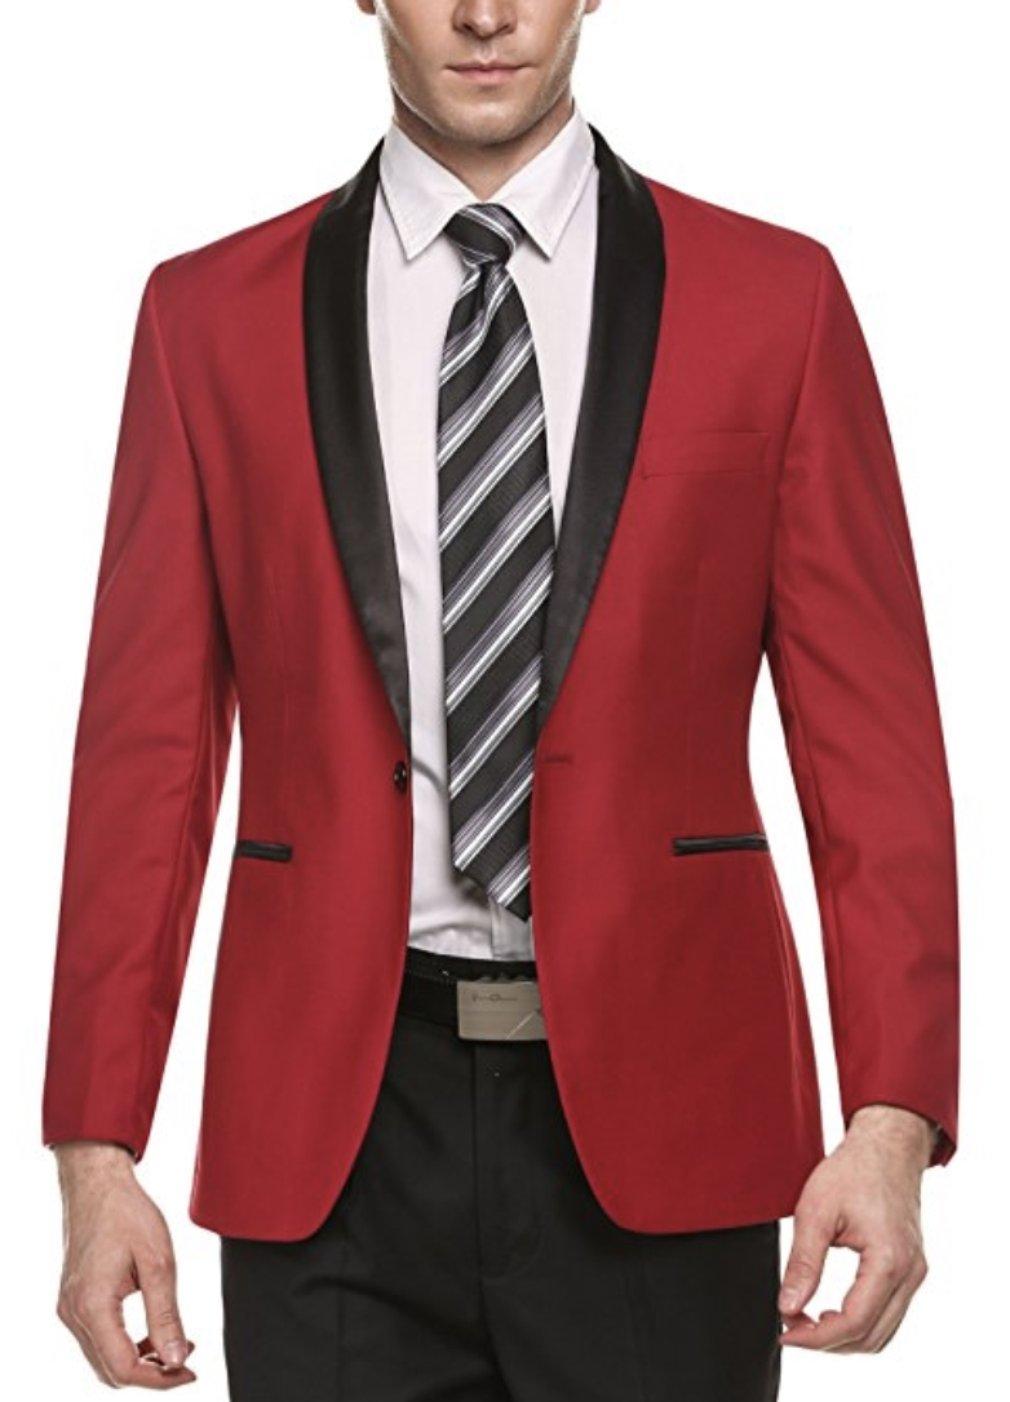 Chaqueta de traje de un botón Casual elegante ajustada para hombre, chaqueta de negocios, Blazers para ocasiones formales de negocios casuales, fiesta de boda